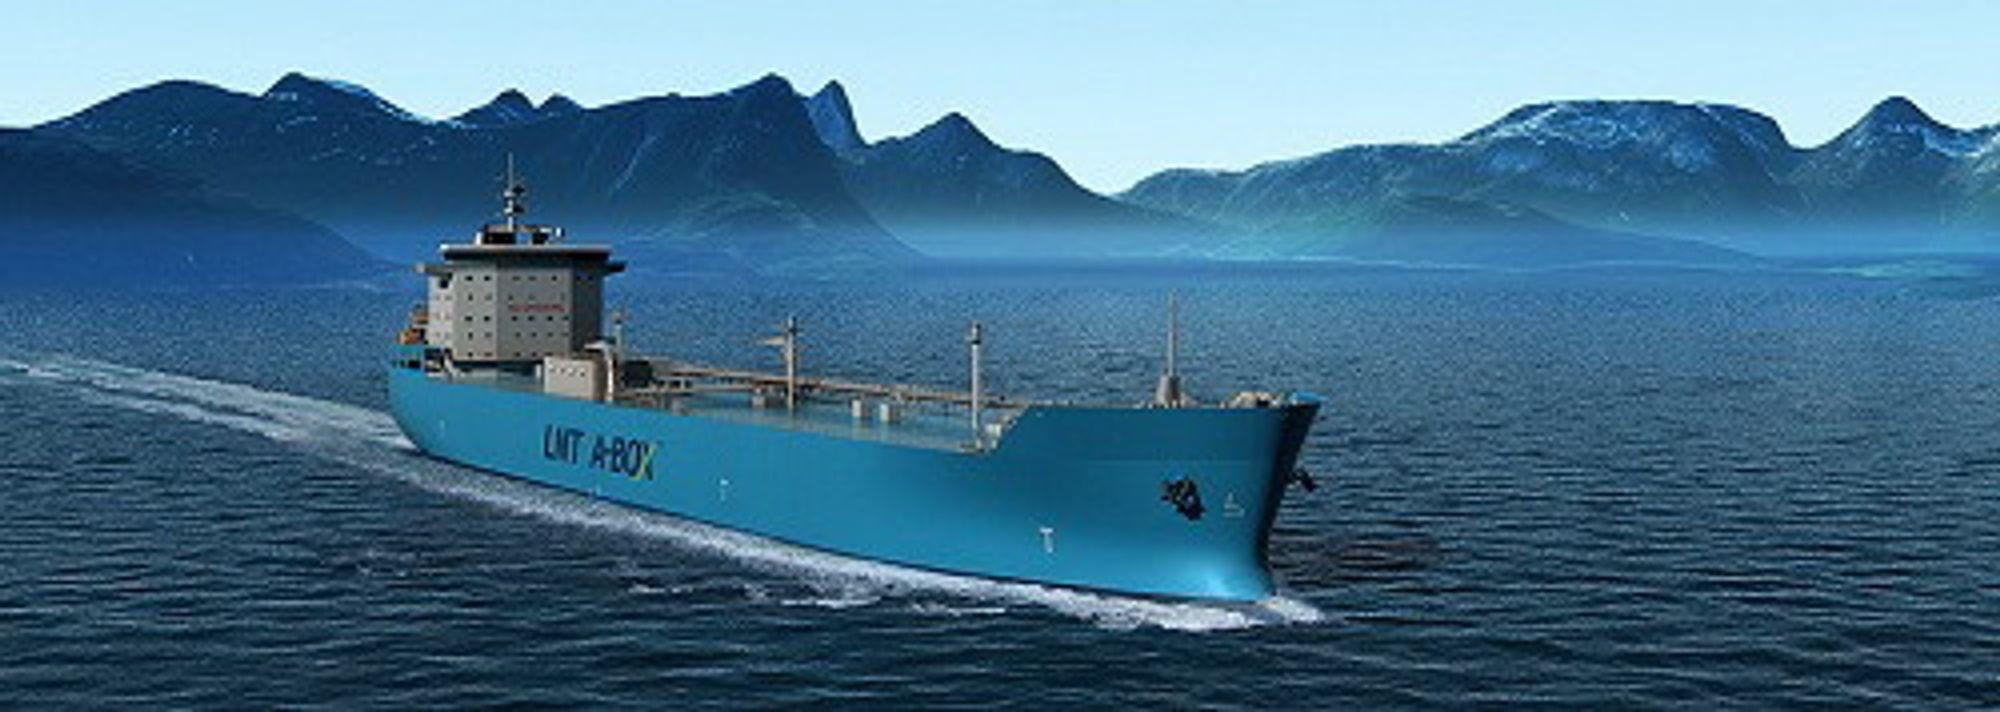 LNG-skip frakter flytende naturgass ved svært lav temperatur for å komprimere gassvolumet. Naturgass består primært av metan og har miljøfordeler sammenlignet med andre fossile brennstoff.